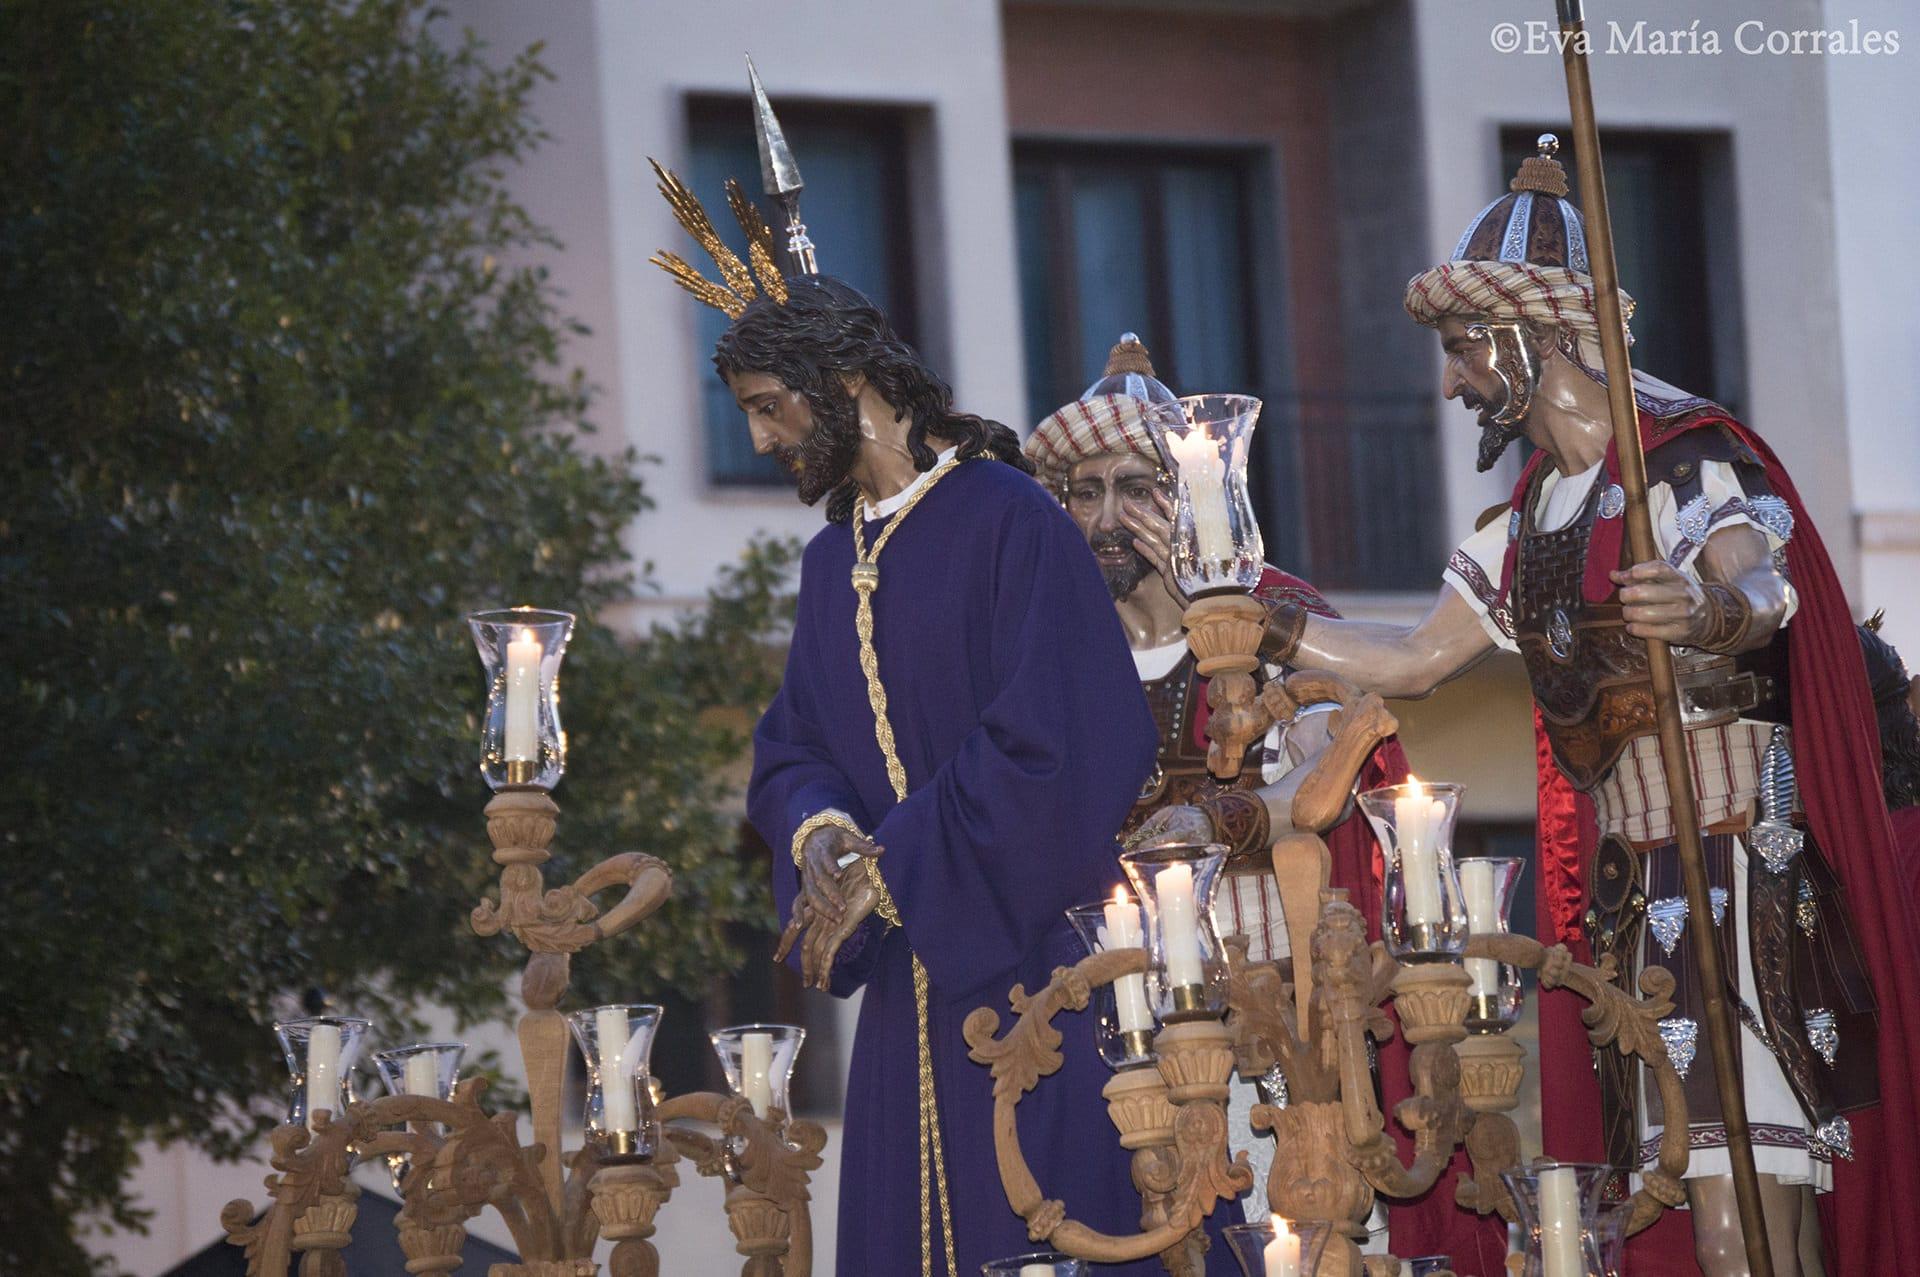 Dulce Nombre, Málaga 4